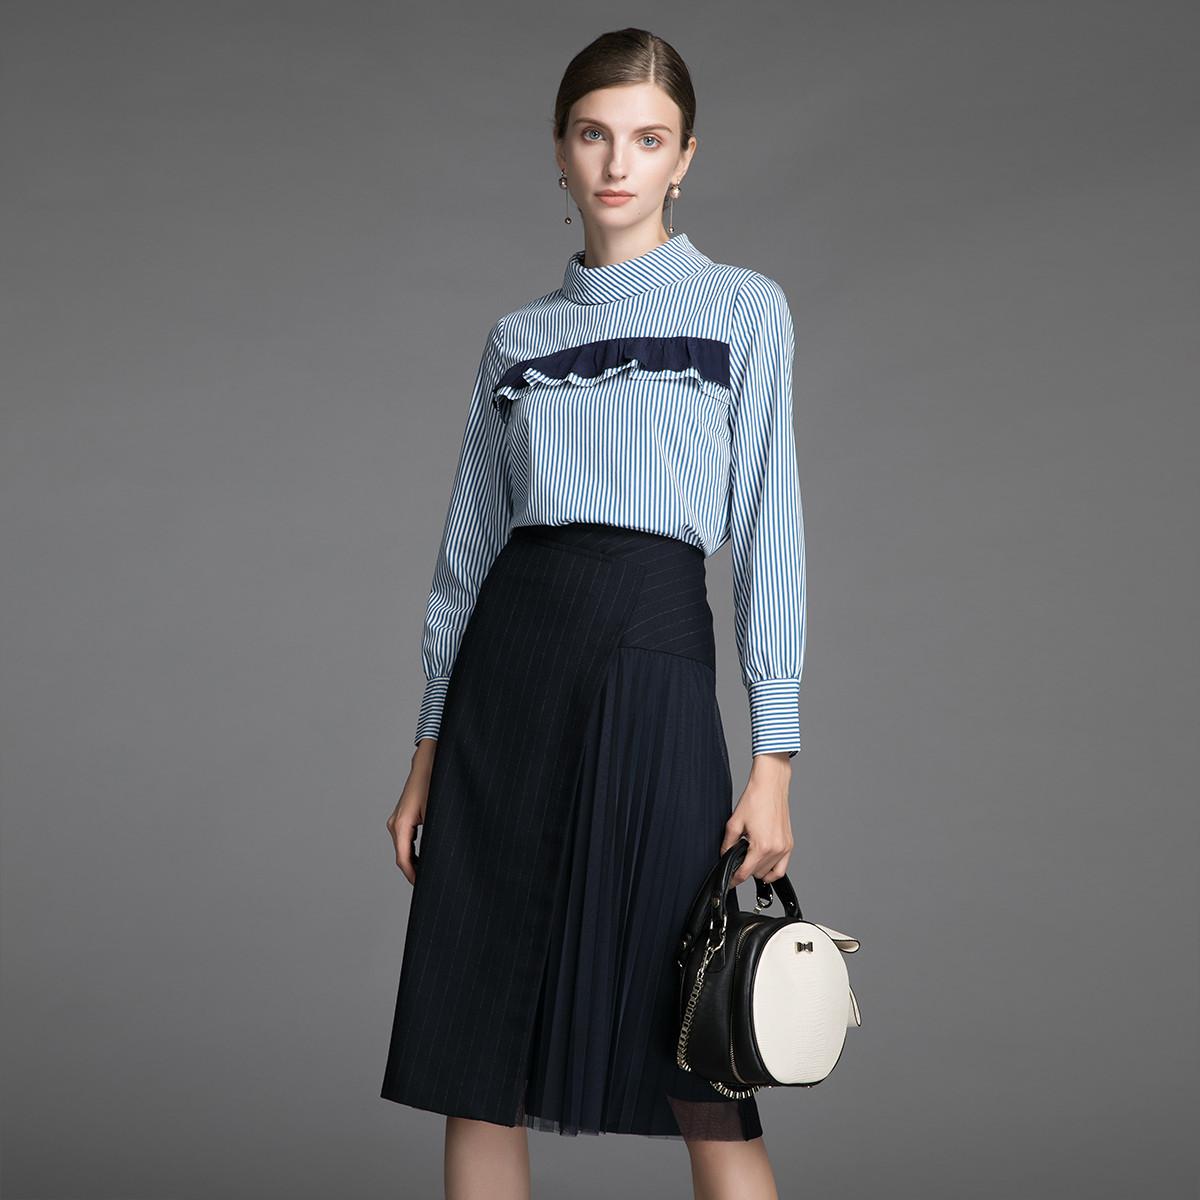 獨樹一幟時裝設計 戈蔓婷時尚女裝打造高品質的生活